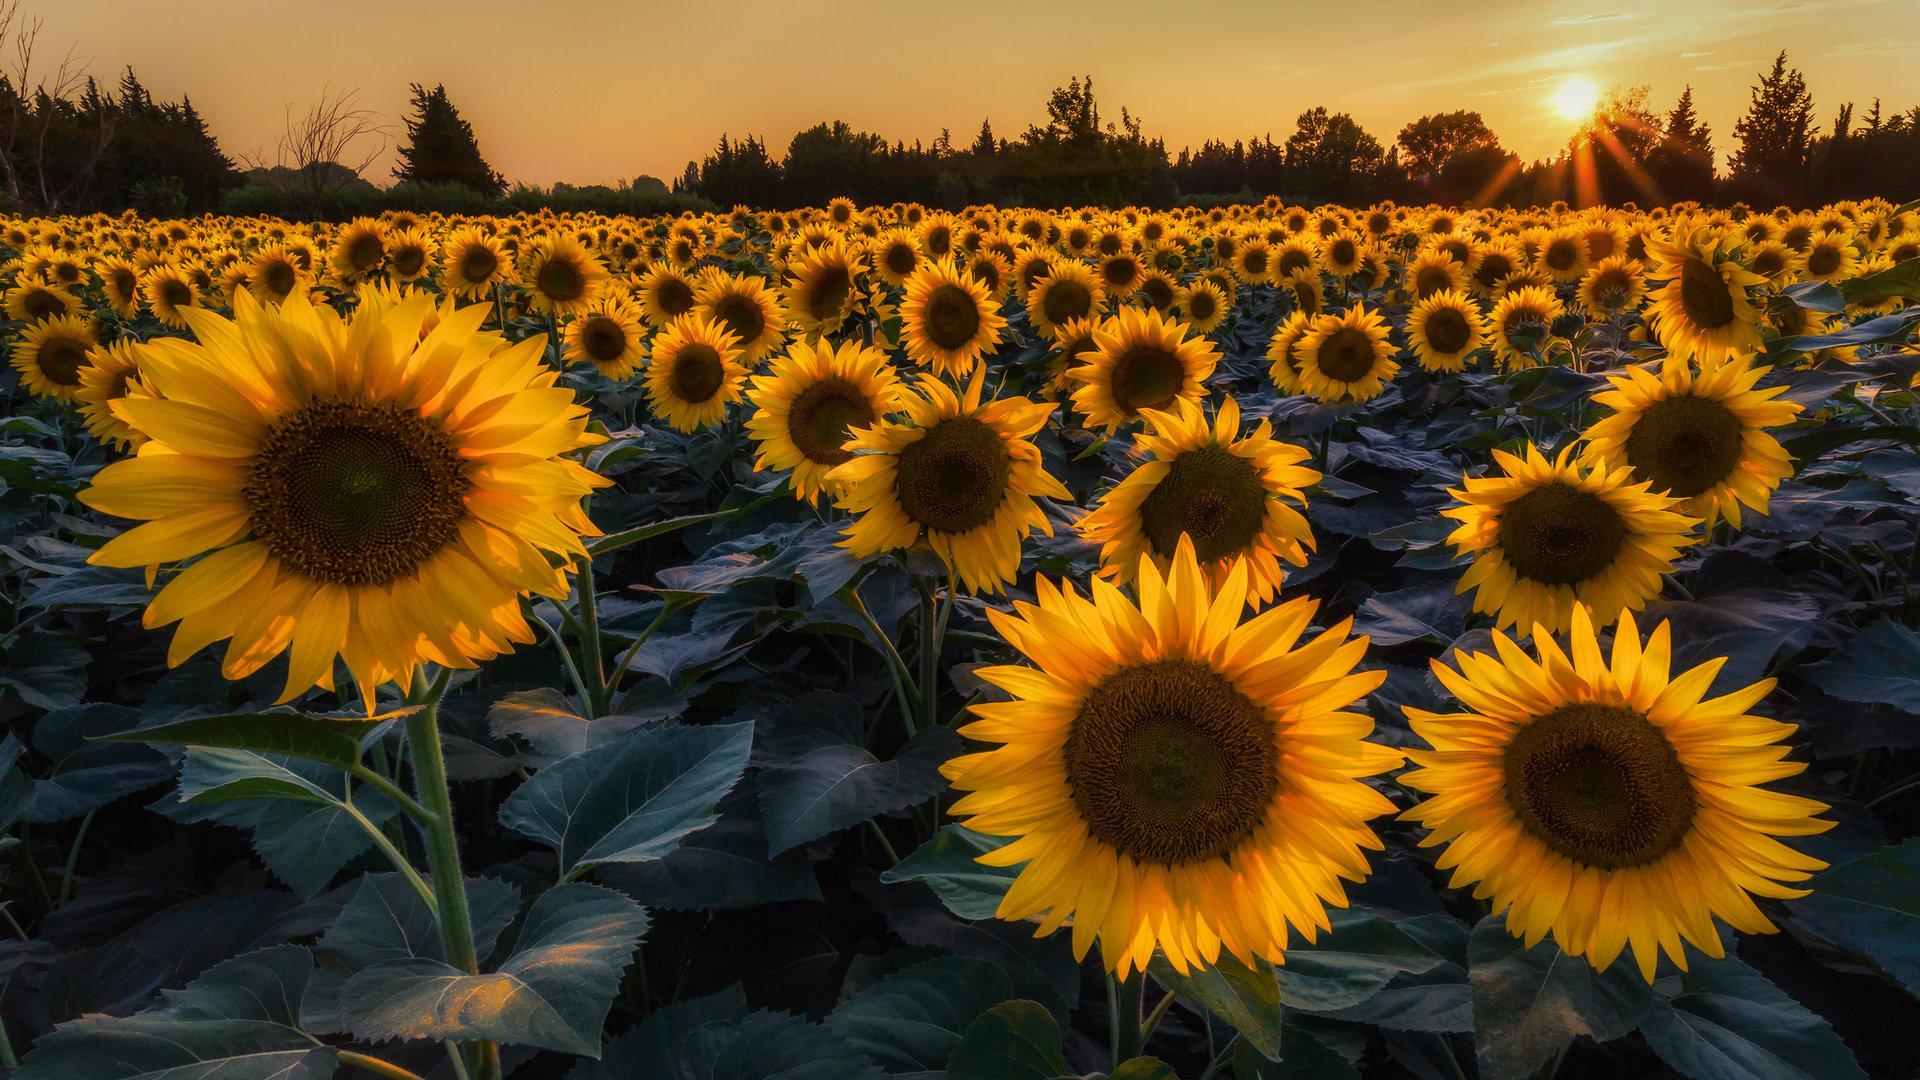 Hình ảnh hoa hướng dương đẹp nhất (4K) 3